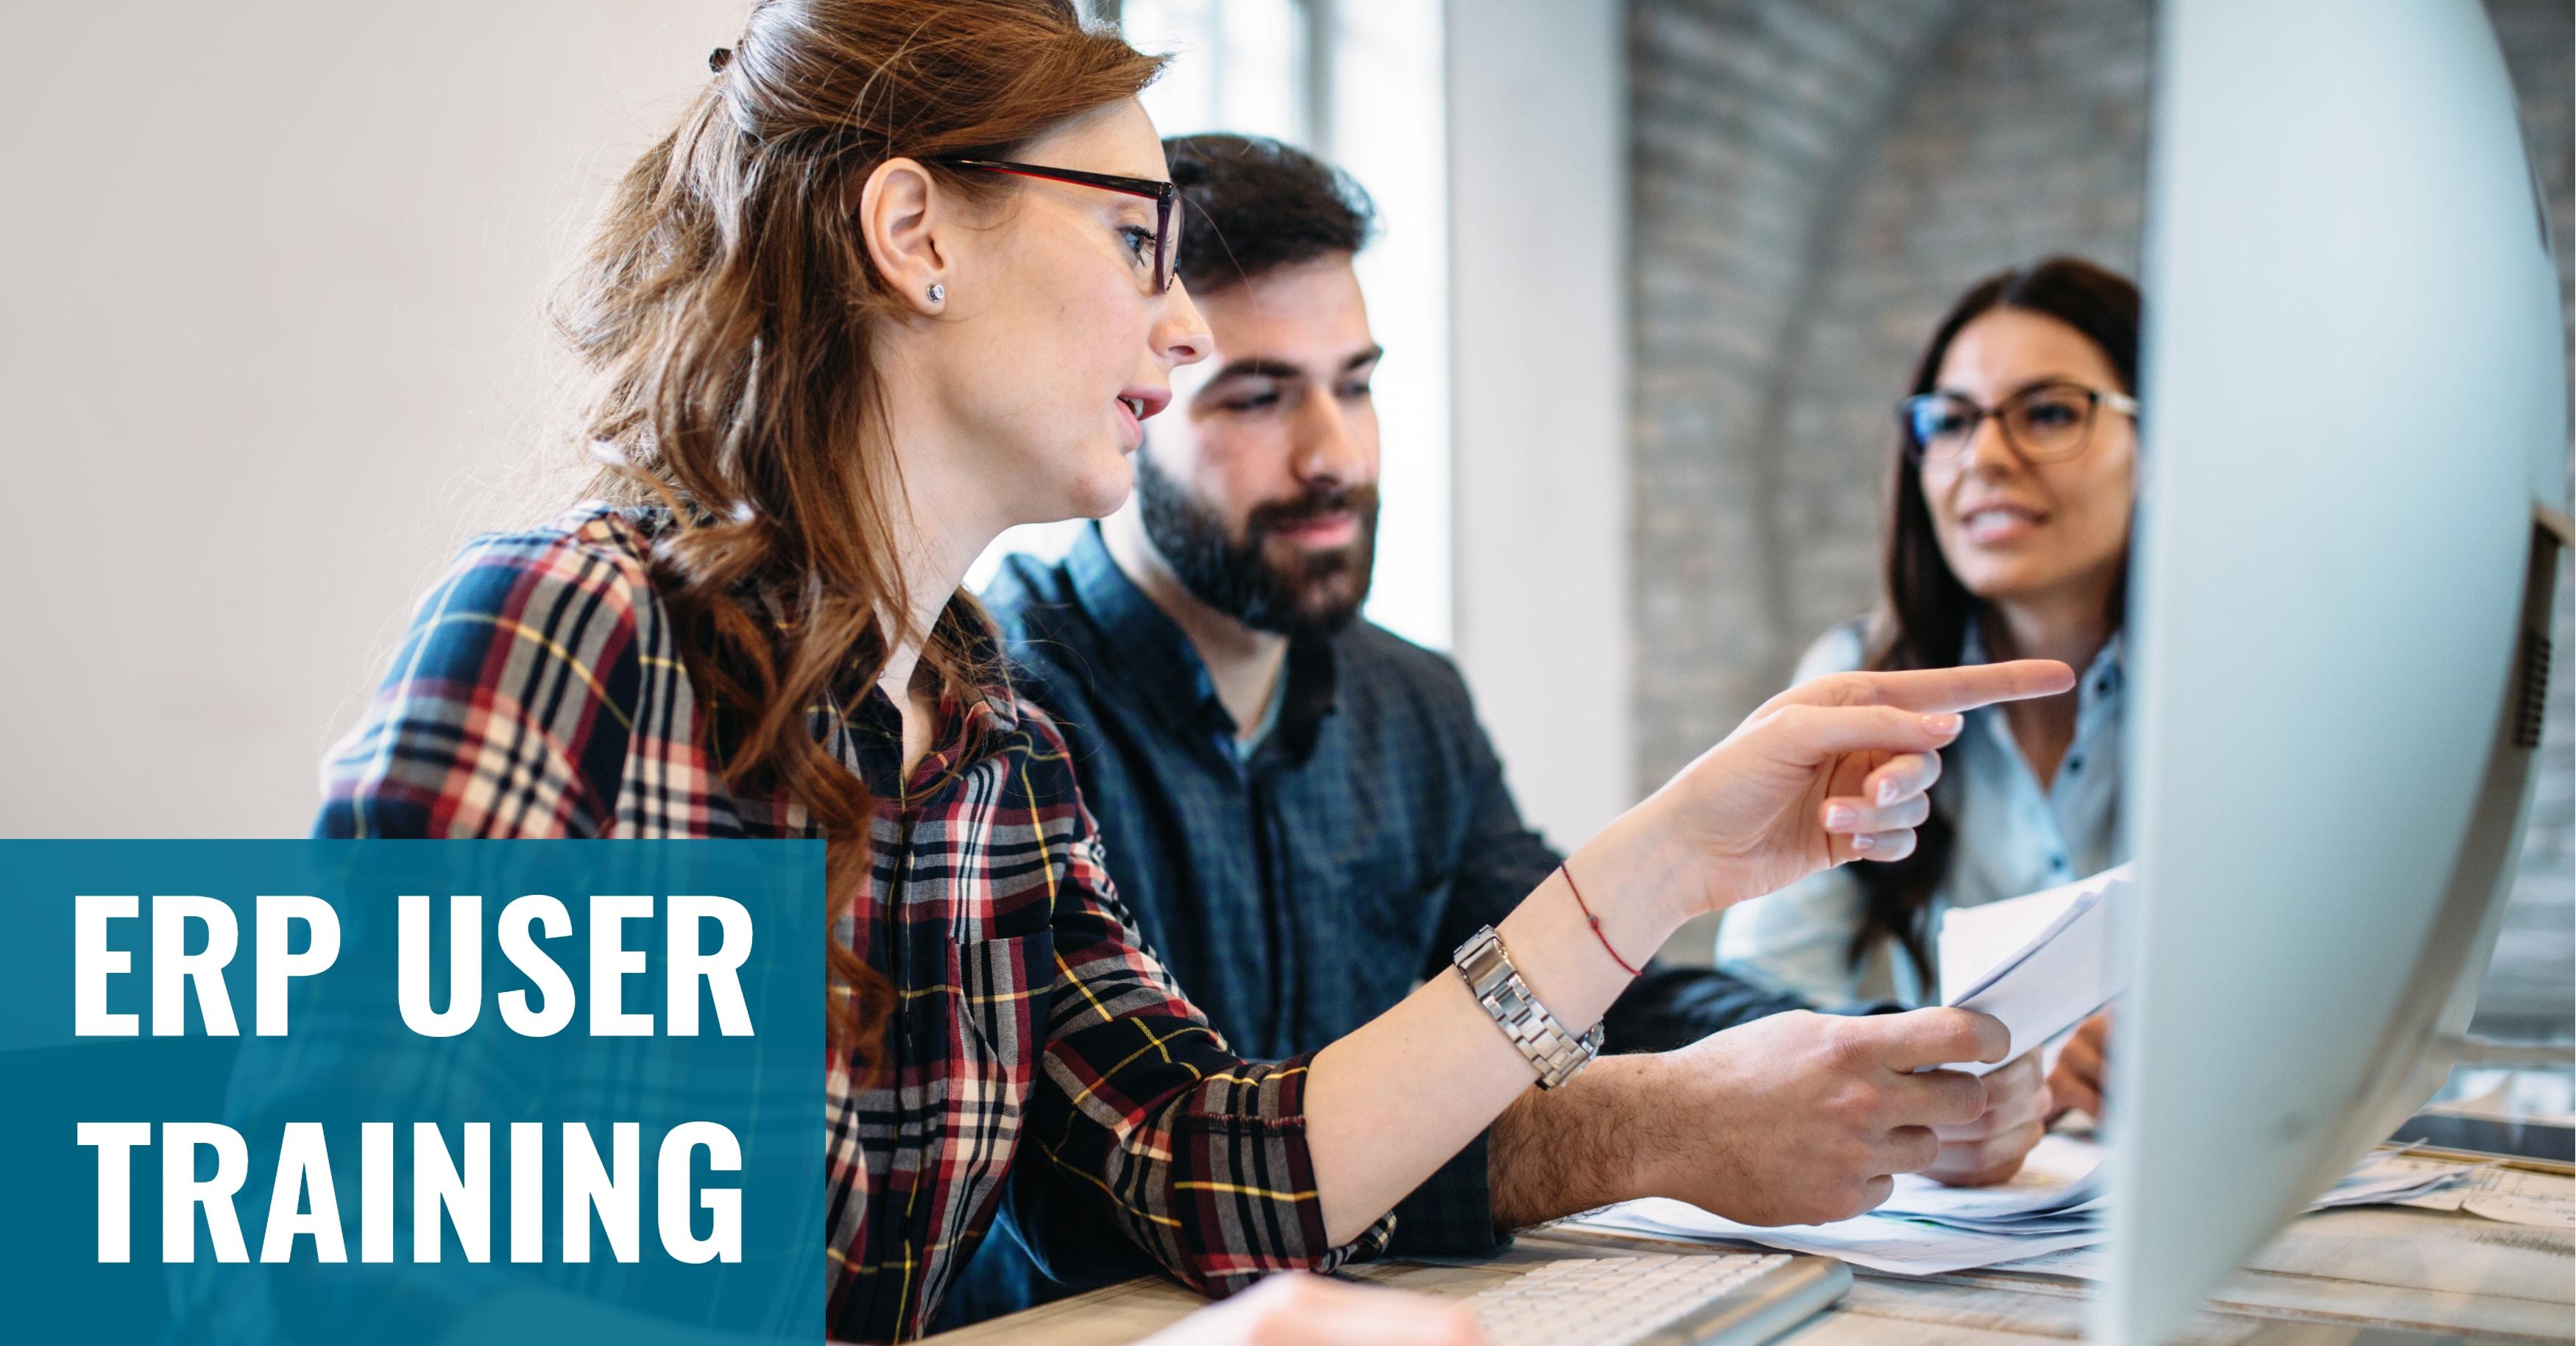 ERP User Training